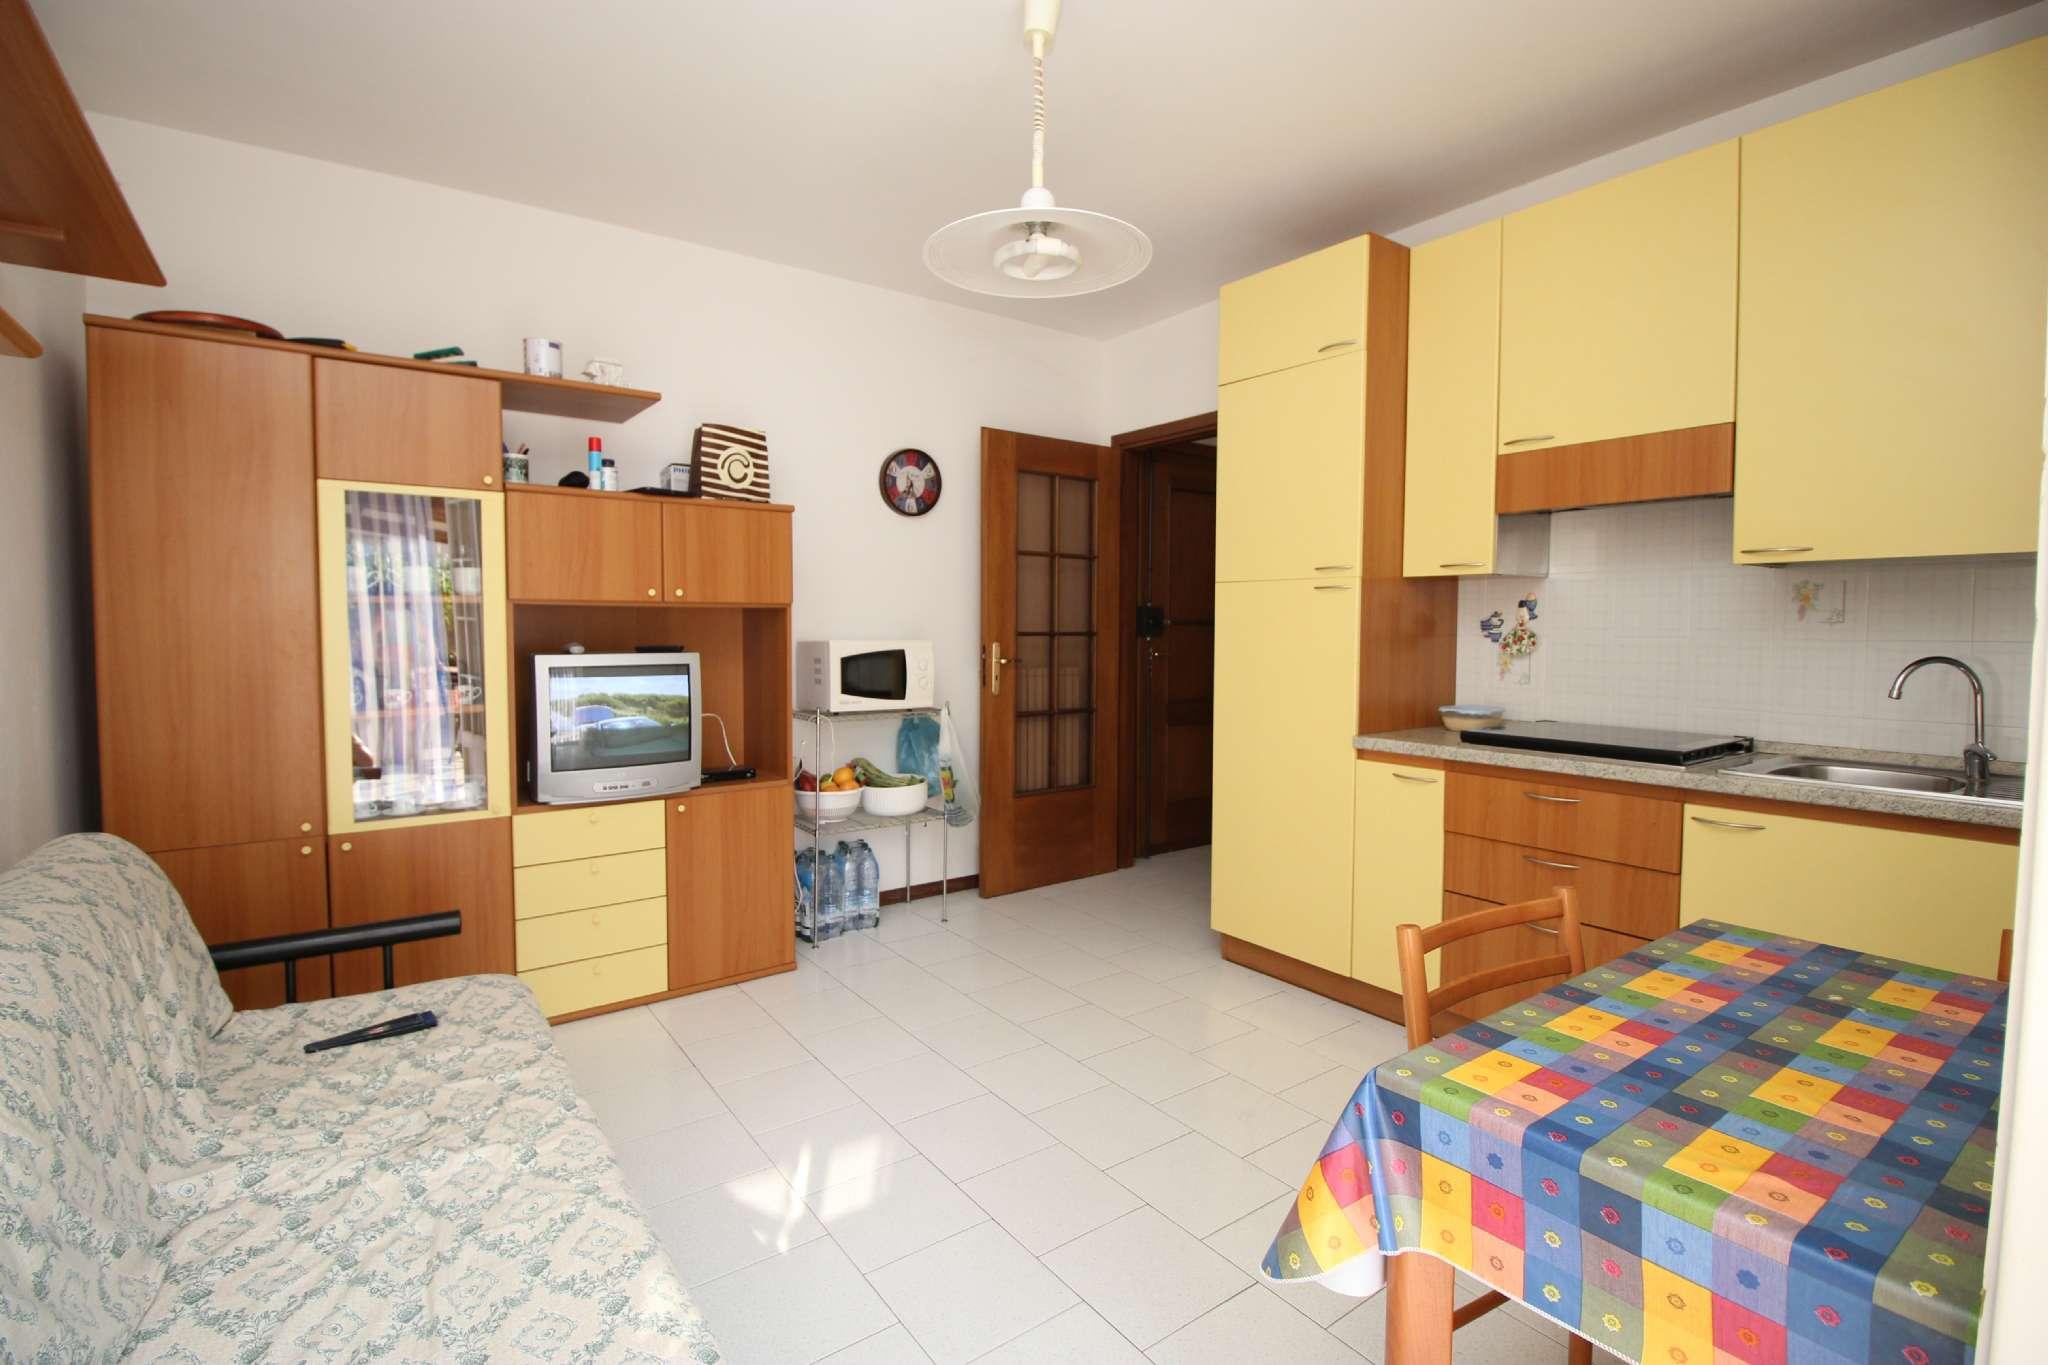 Appartamento in vendita a Ceriale, 3 locali, prezzo € 180.000 | PortaleAgenzieImmobiliari.it